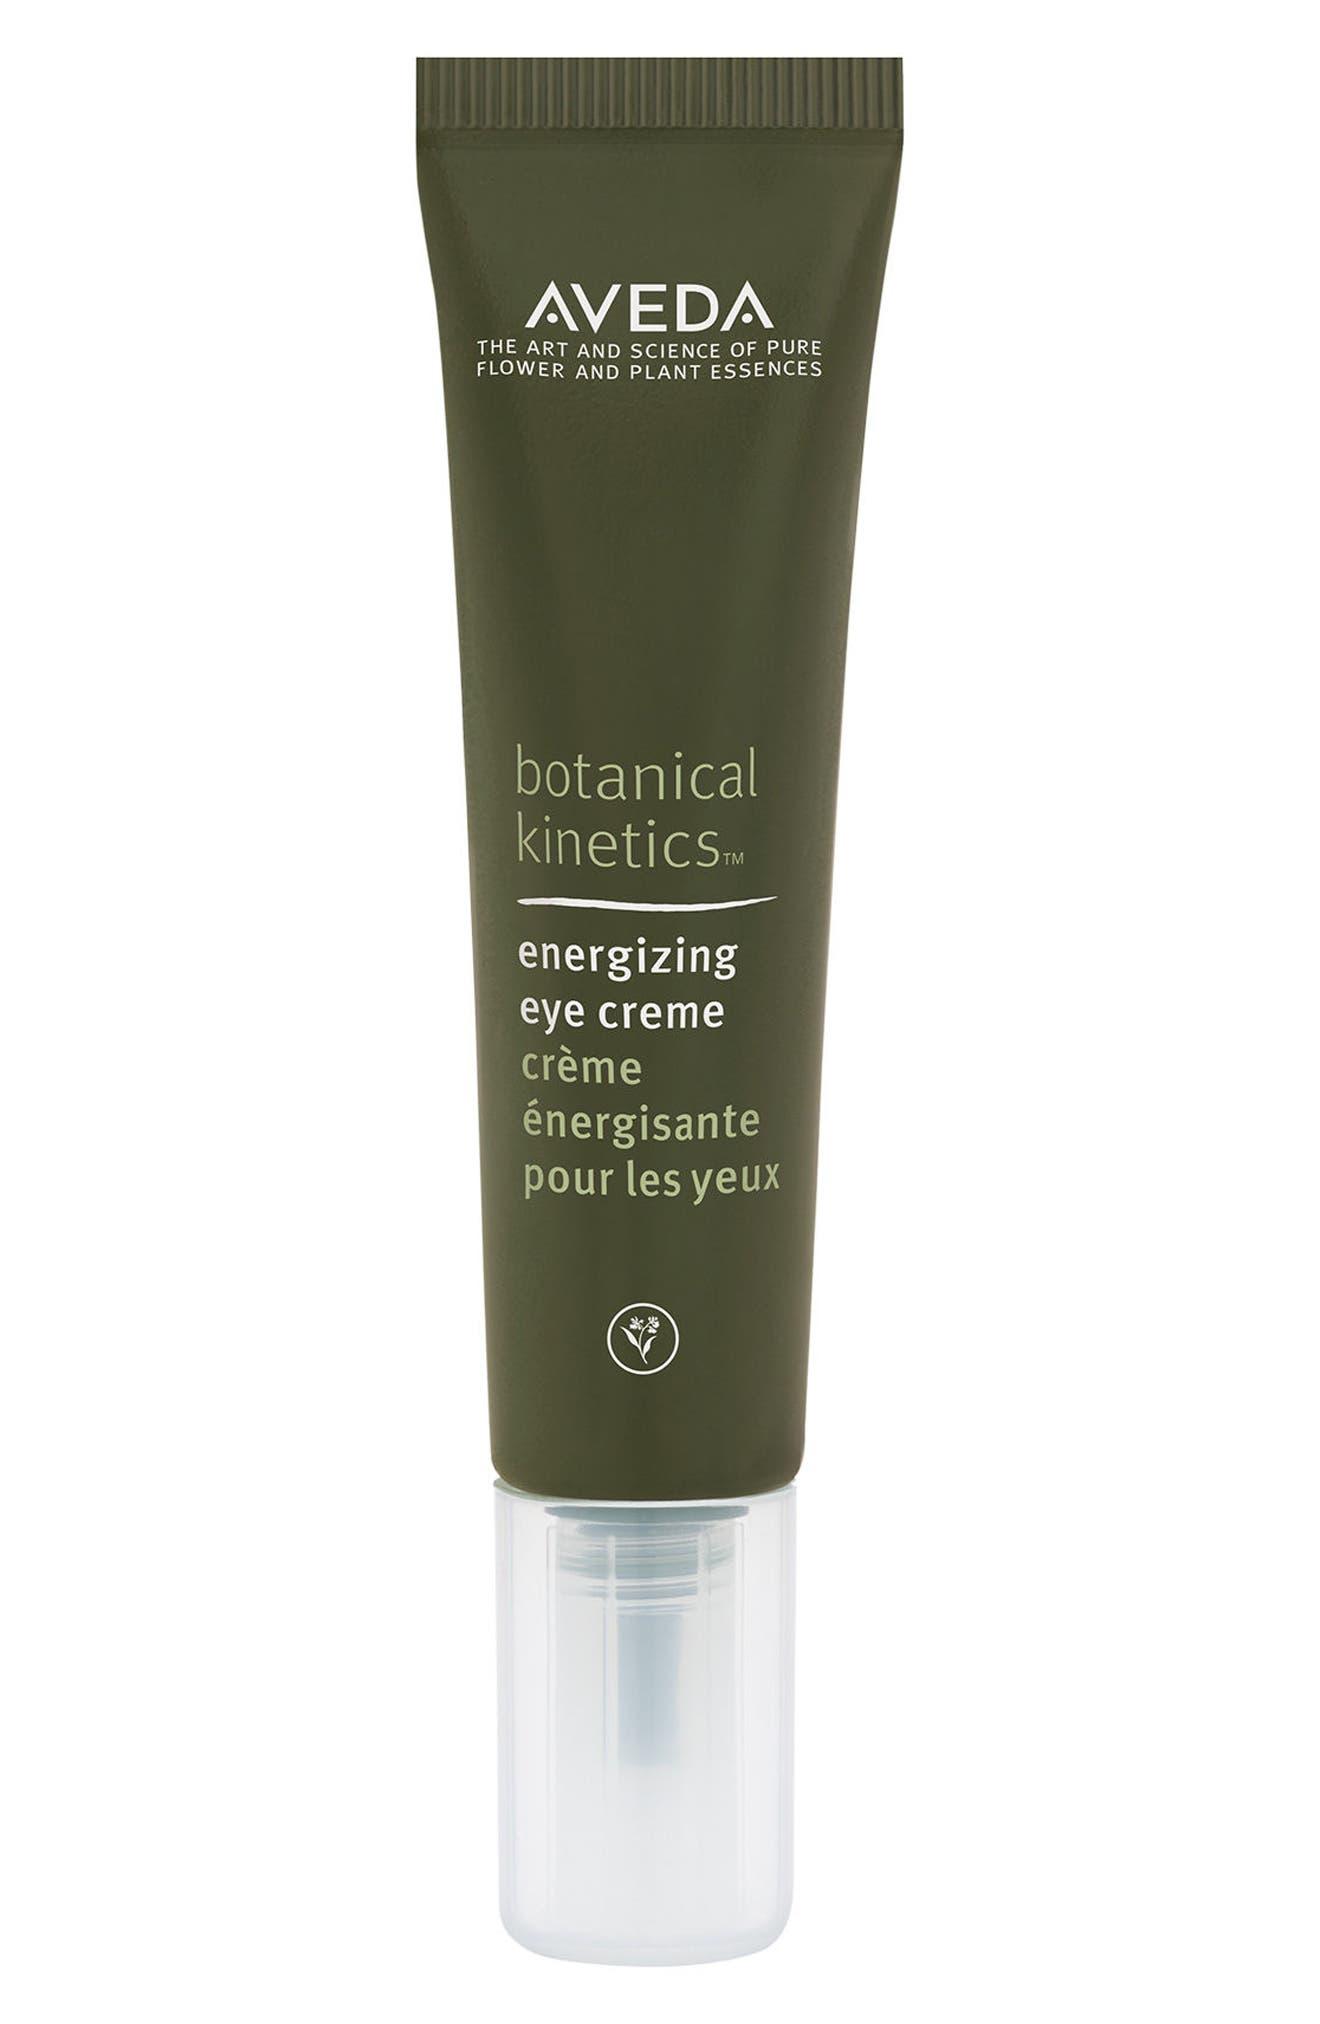 Botanical Kinetics(TM) Energizing Eye Creme